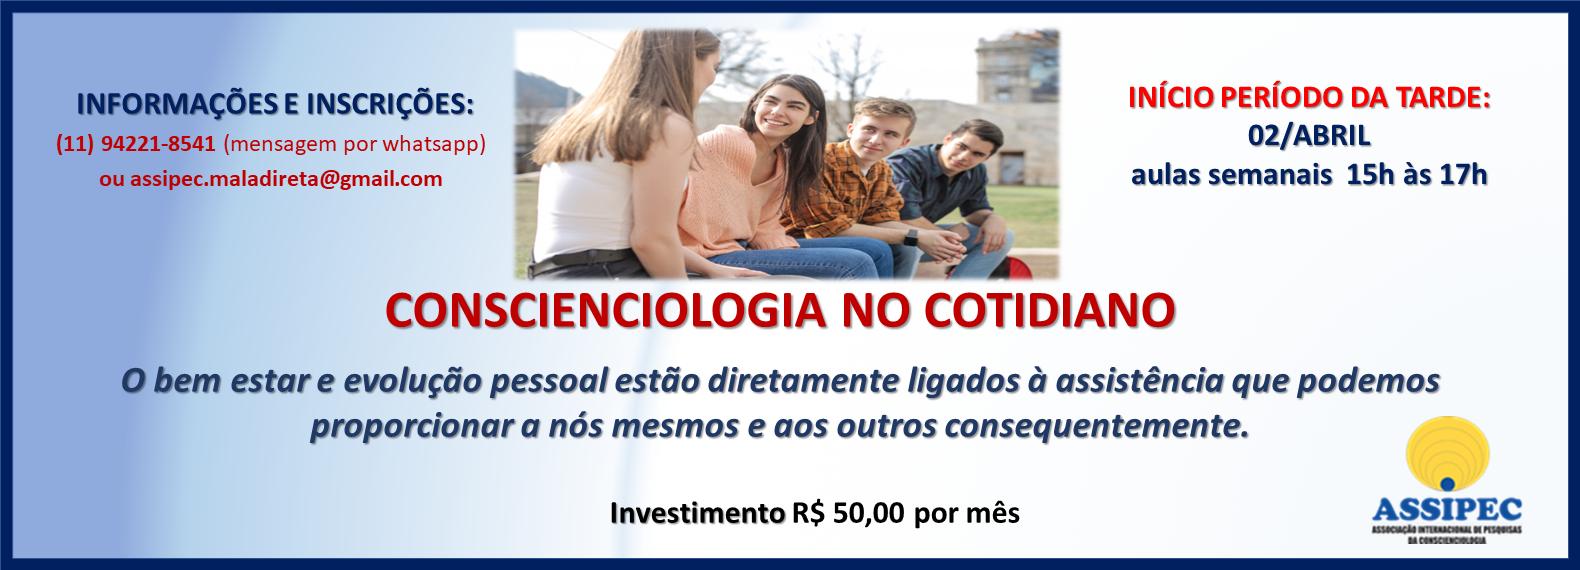 site CCIOLOGIA COTIDIANO ABRIL TARDE